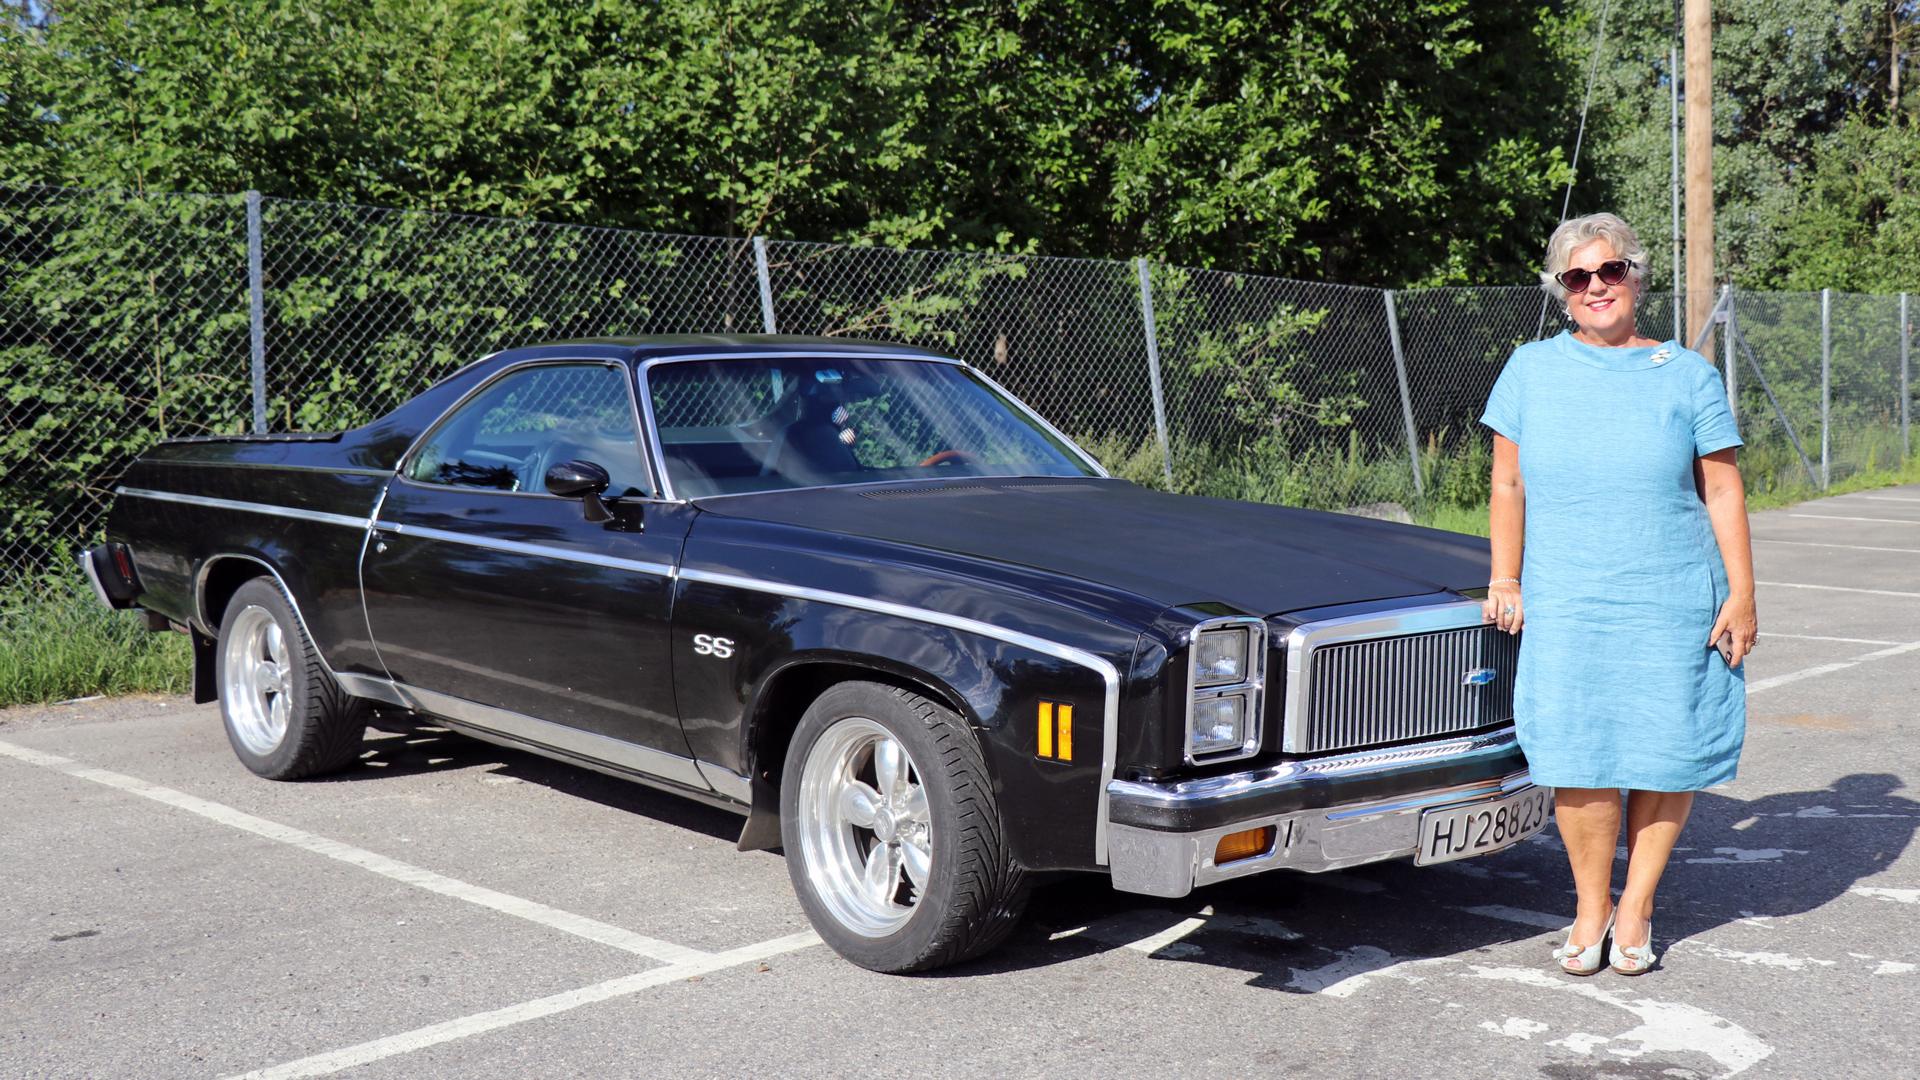 147-1977 Chevrolet El Camino SS 01. Eier- medlem 1